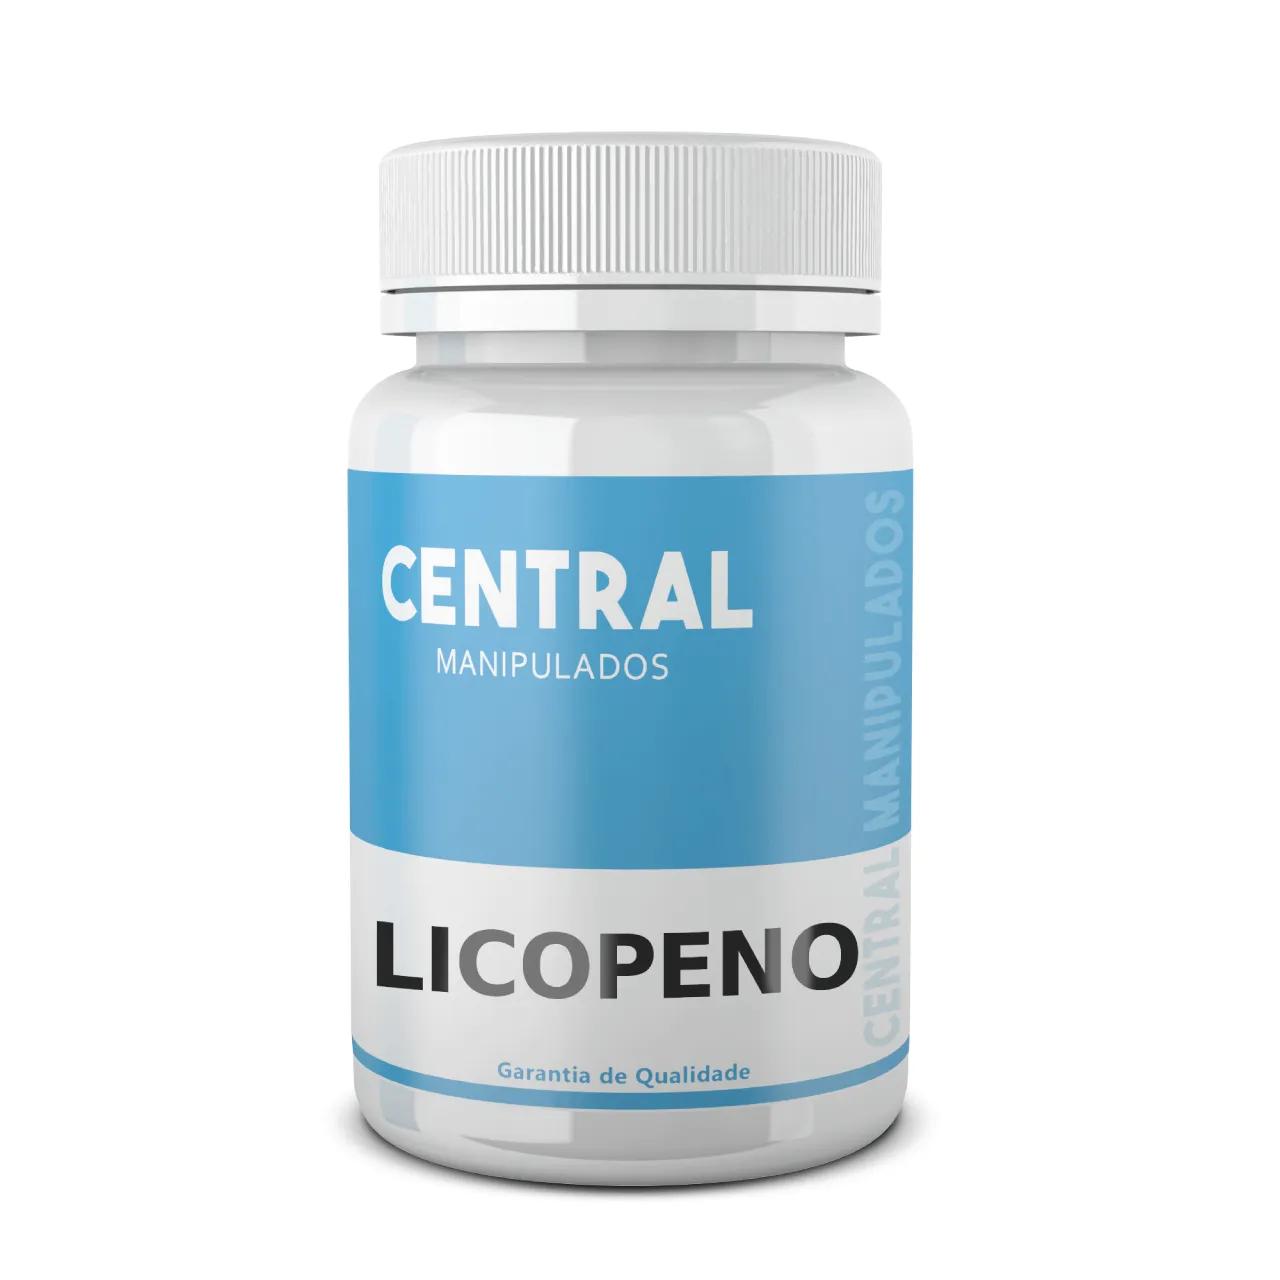 Licopeno 10mg - 120 Cápsulas - Grande ação antioxidante que combate os radicais livres, prevenindo o envelhecimento precoce e doenças